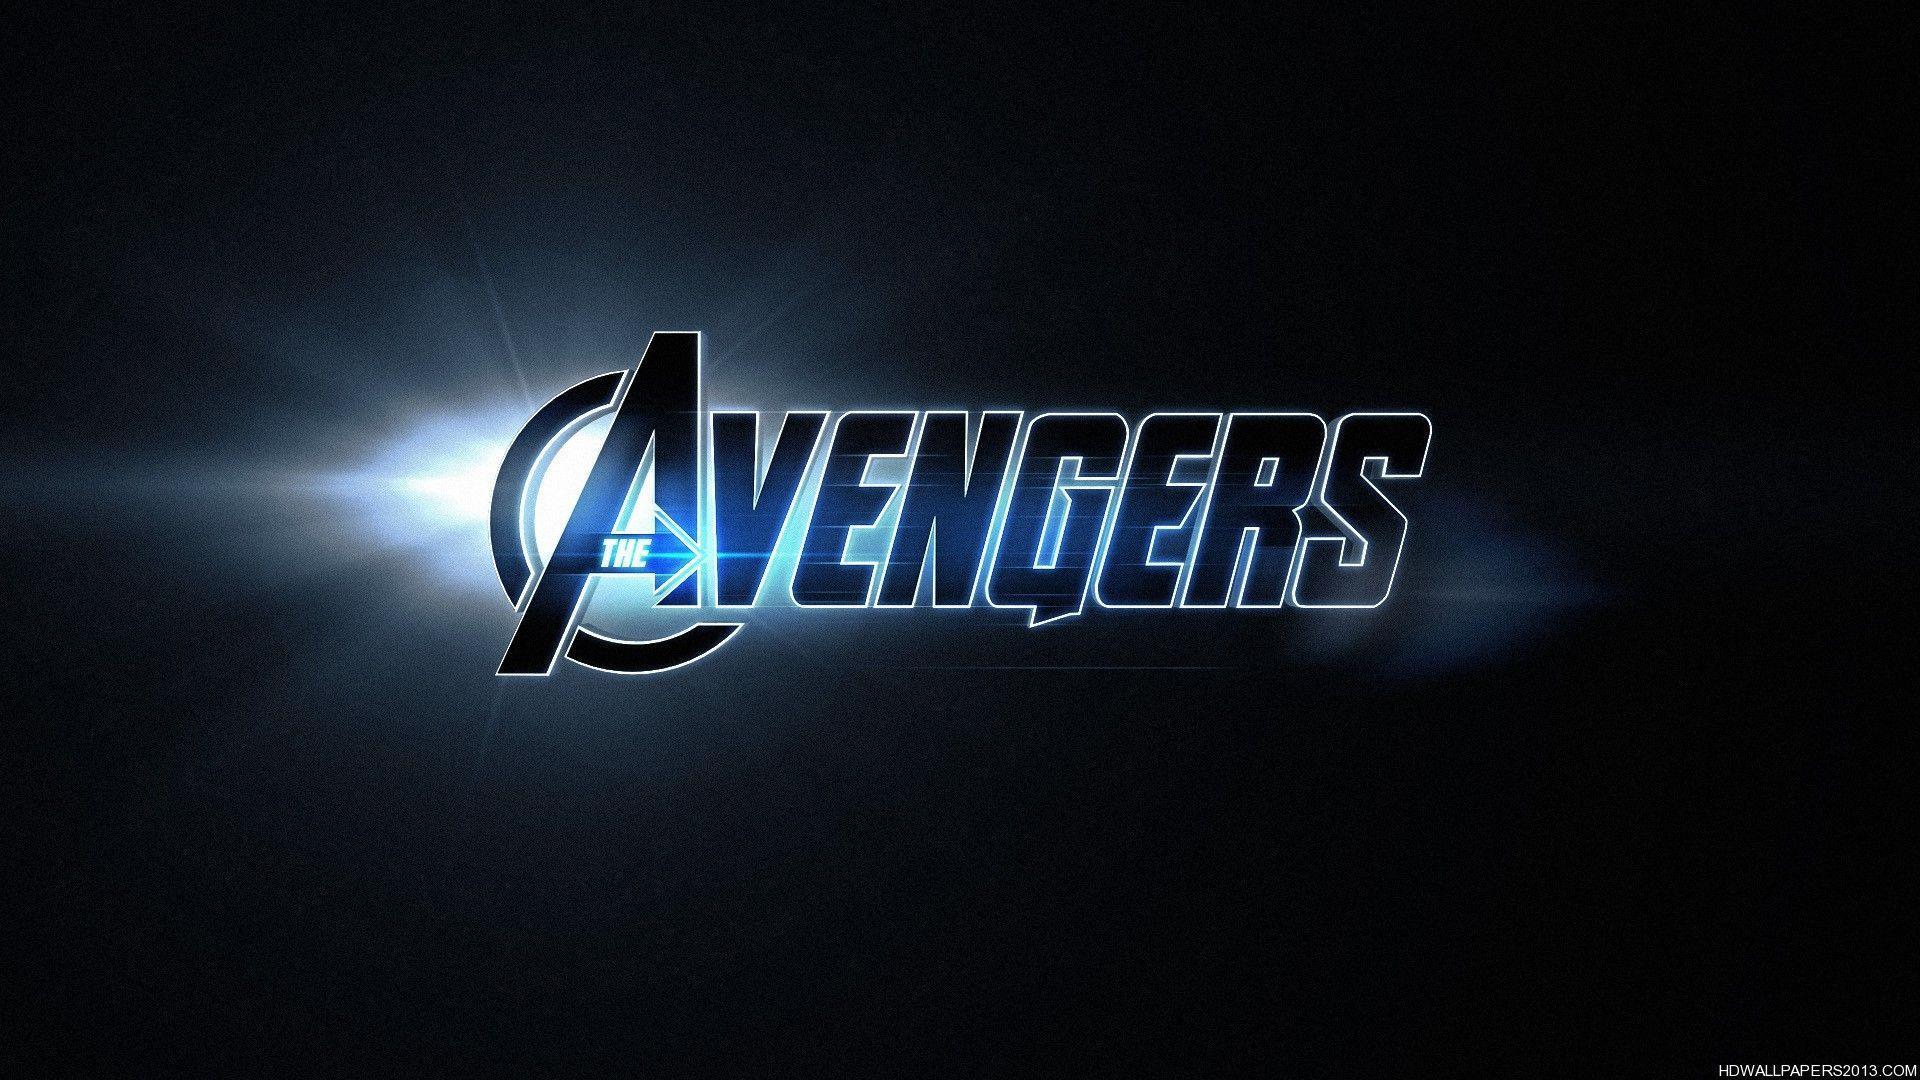 Avengers Logo Wallpapers.